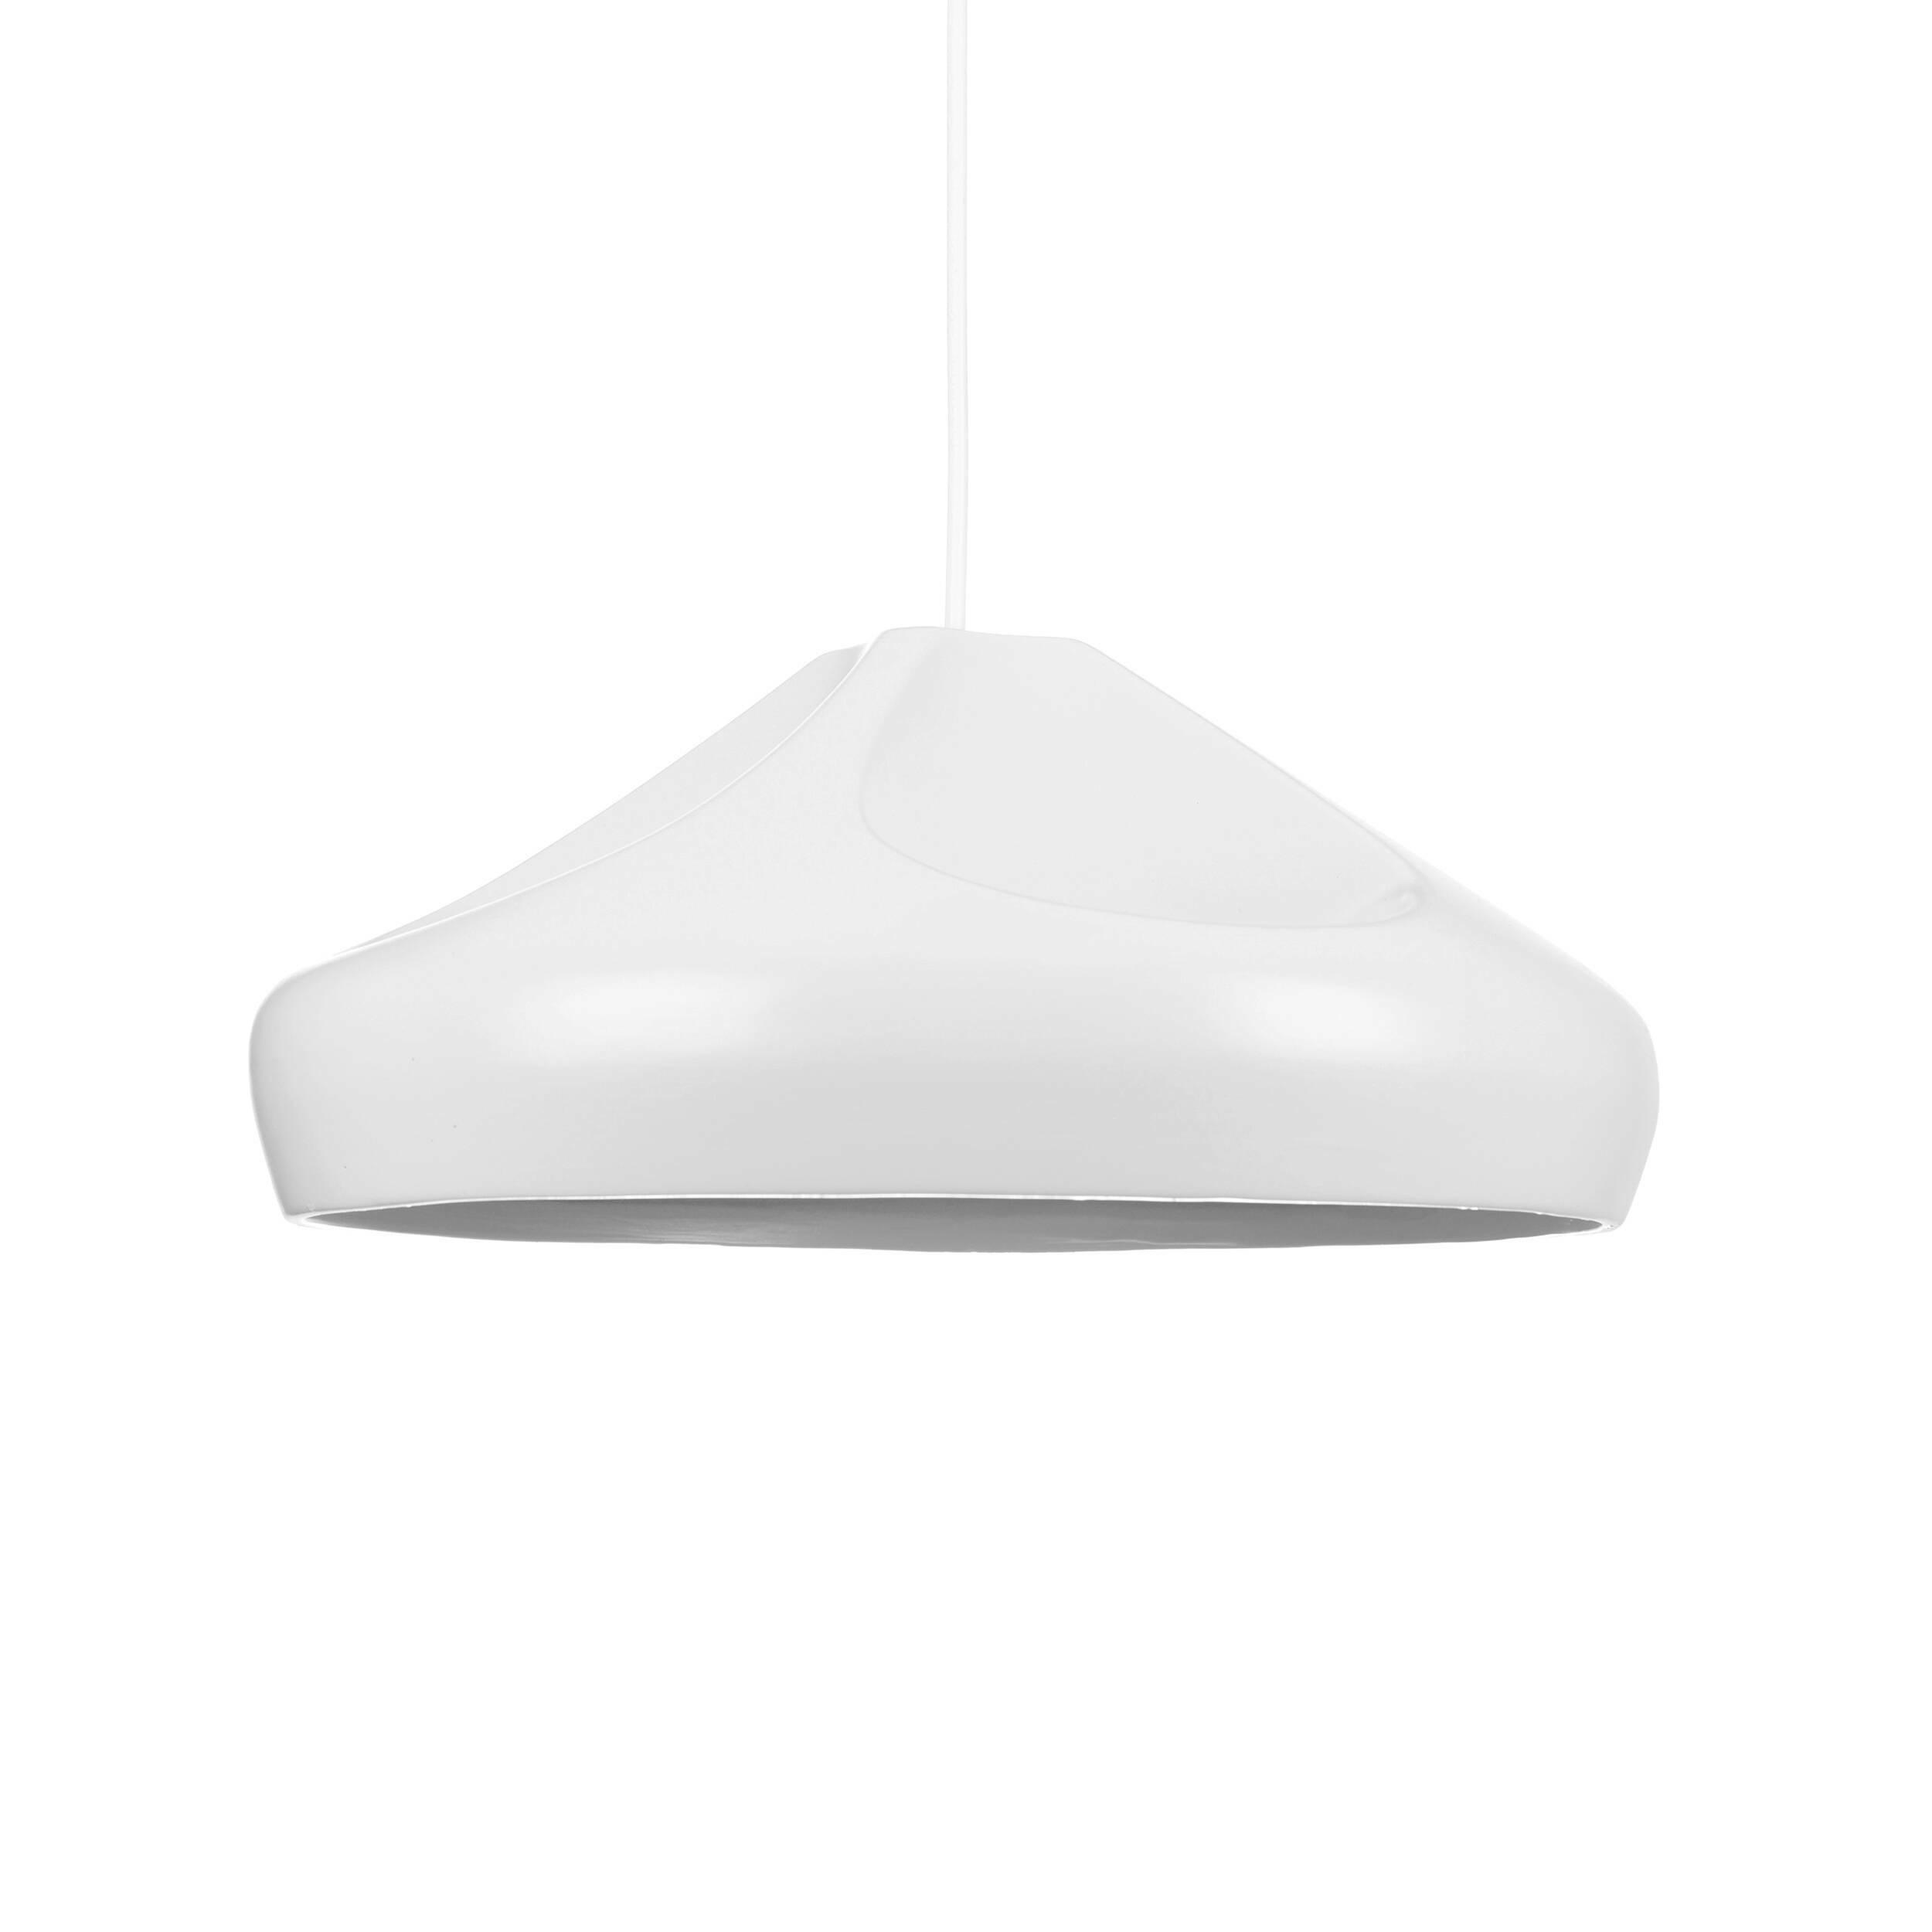 Подвесной светильник Miranda диаметр 36Подвесные<br>Коллекция ламп Miranda — результат творческой дизайнерской мысли. Абажуры сделаны в виде морщинистой ткани. Лампы доступны в различных цветах (золото, серебро, черный, красный и серый). <br> <br> Задумываясь об оформлении интерьера в современном стиле, не нужно изобретать колесо — существуют стили, которые одинаково уютны и современны, а также обязательно удовлетворят и искушенных, и неопытных в дизайне людей. Скандинавский стиль как раз столь лаконичен, сколь современен. Он пользуется популярнос...<br><br>stock: 12<br>Высота: 150<br>Диаметр: 36<br>Количество ламп: 1<br>Материал абажура: Керамика<br>Мощность лампы: 40<br>Ламп в комплекте: Нет<br>Напряжение: 220<br>Тип лампы/цоколь: E27<br>Цвет абажура: Белый